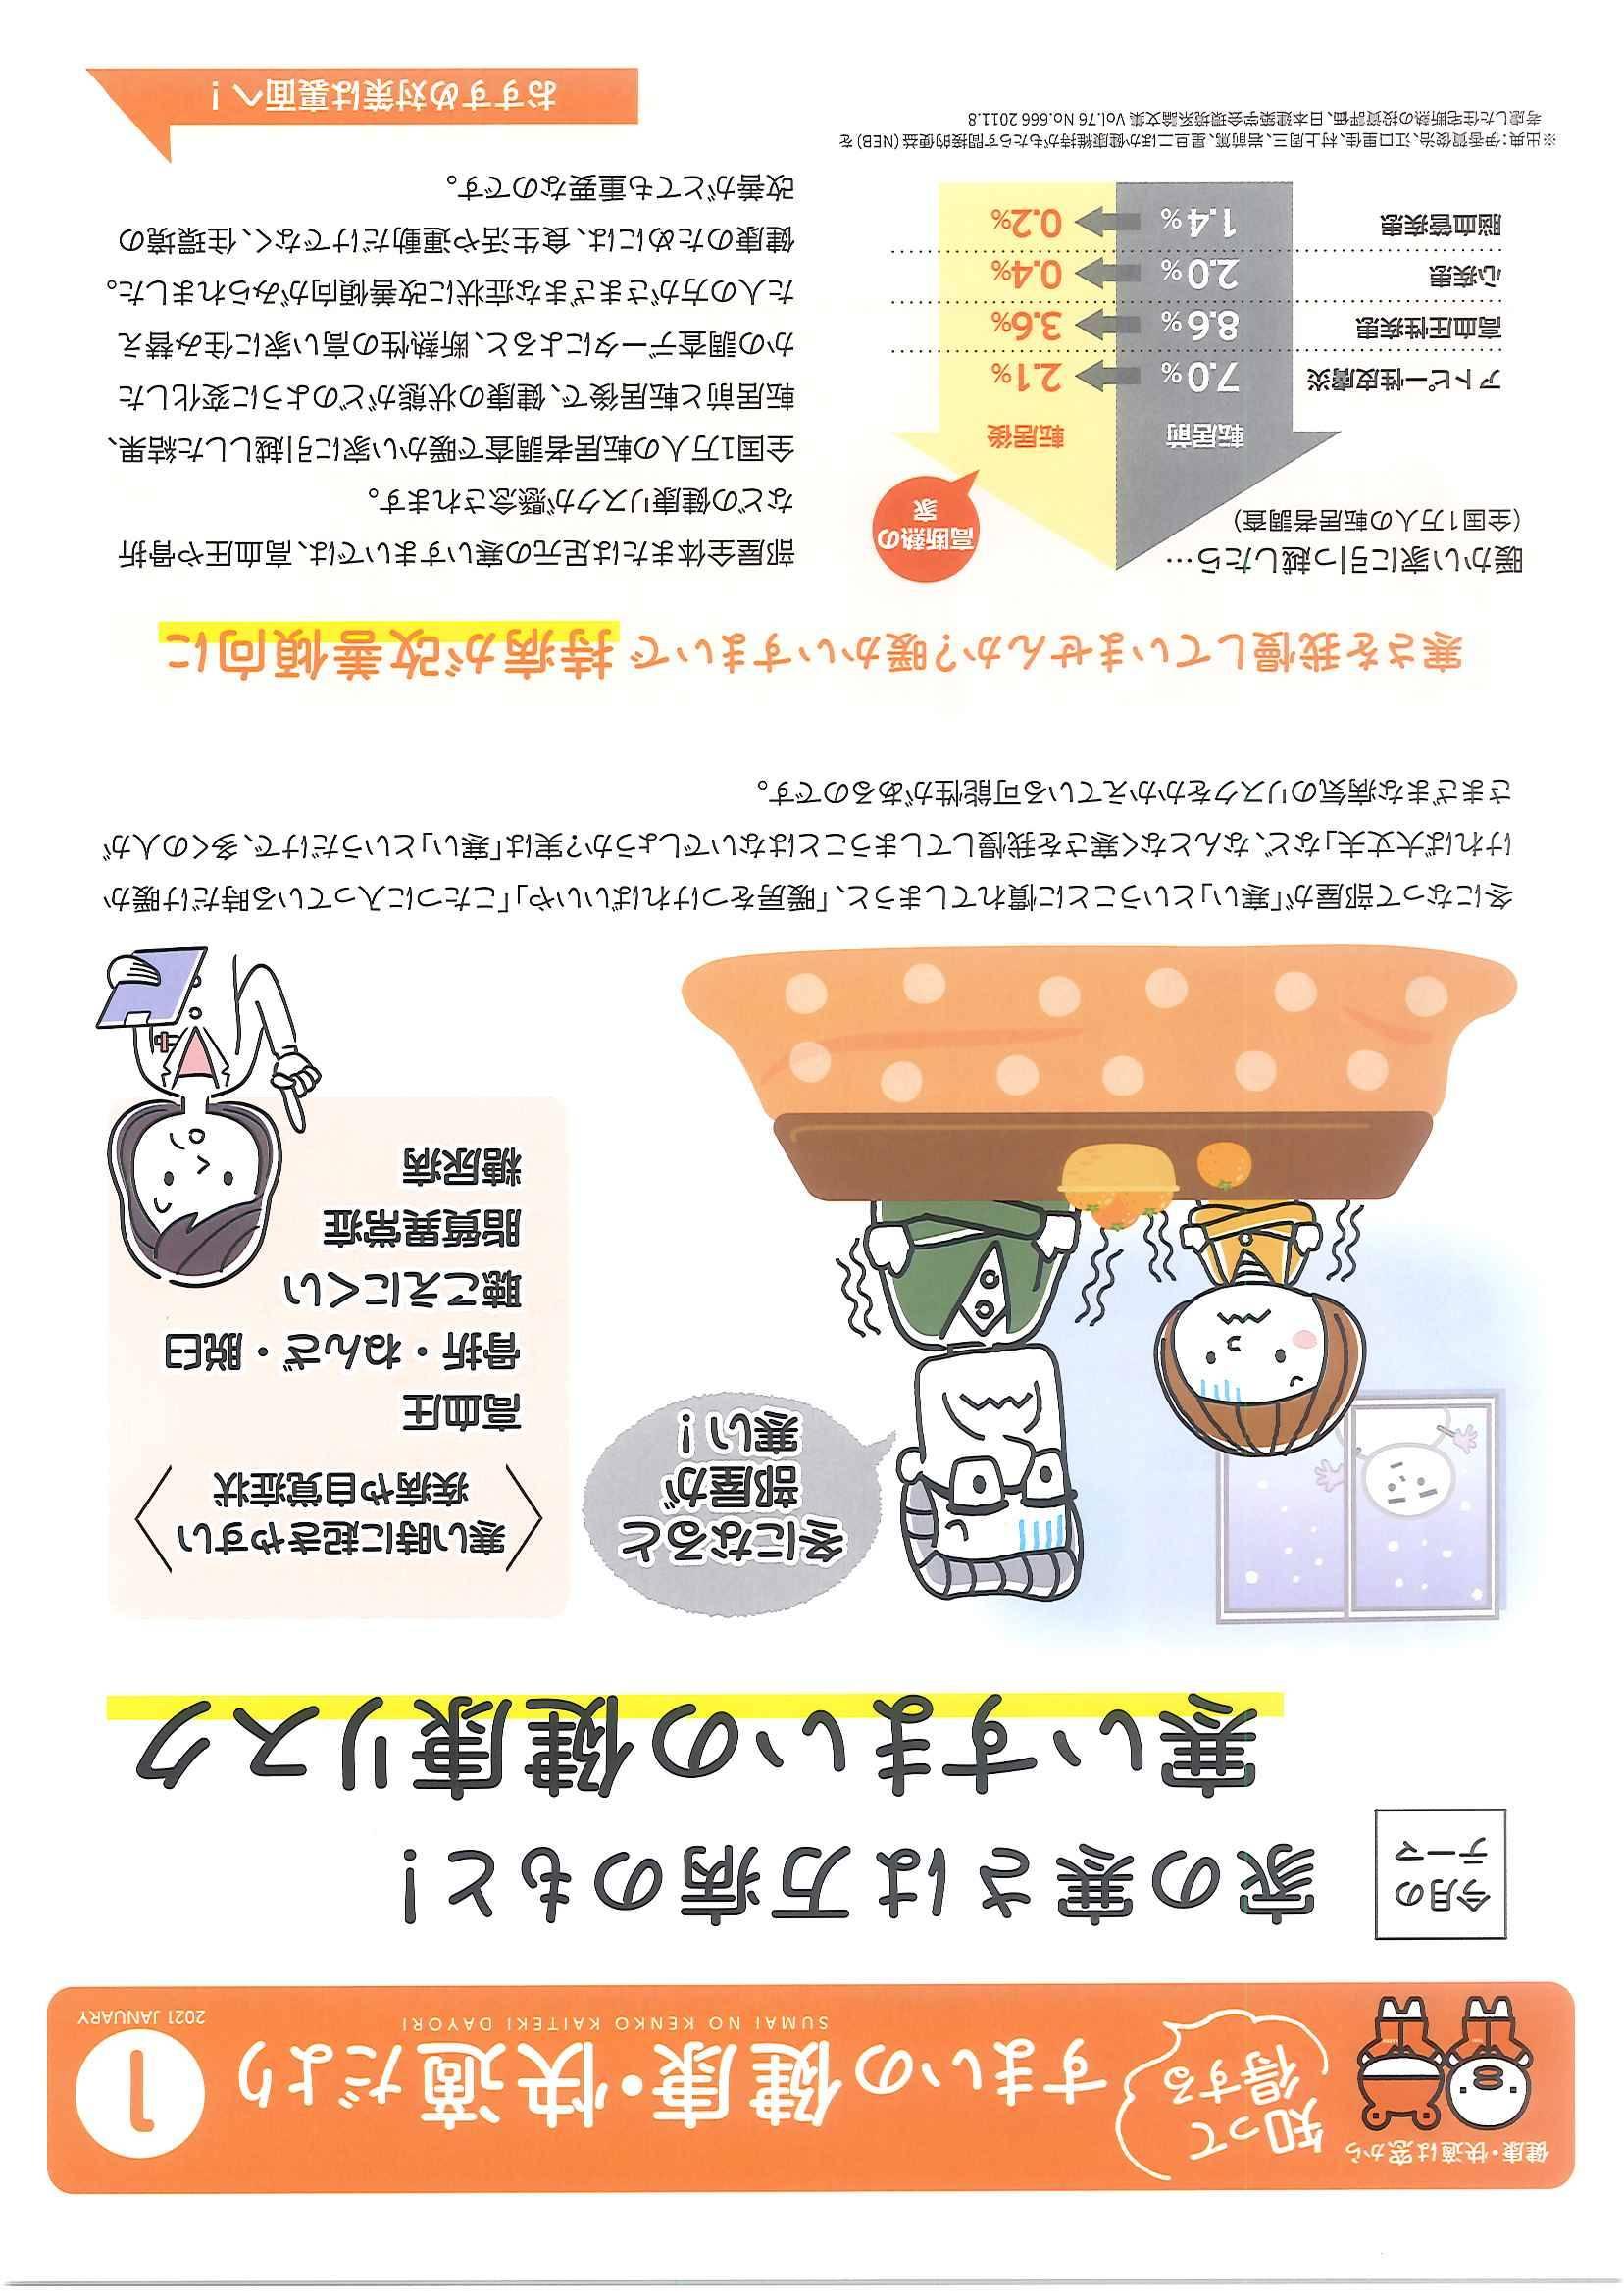 マド本舗 🐥すまいの健康・快適だより①号🐸 ヒロトーヨー住器の現場ブログ 写真1